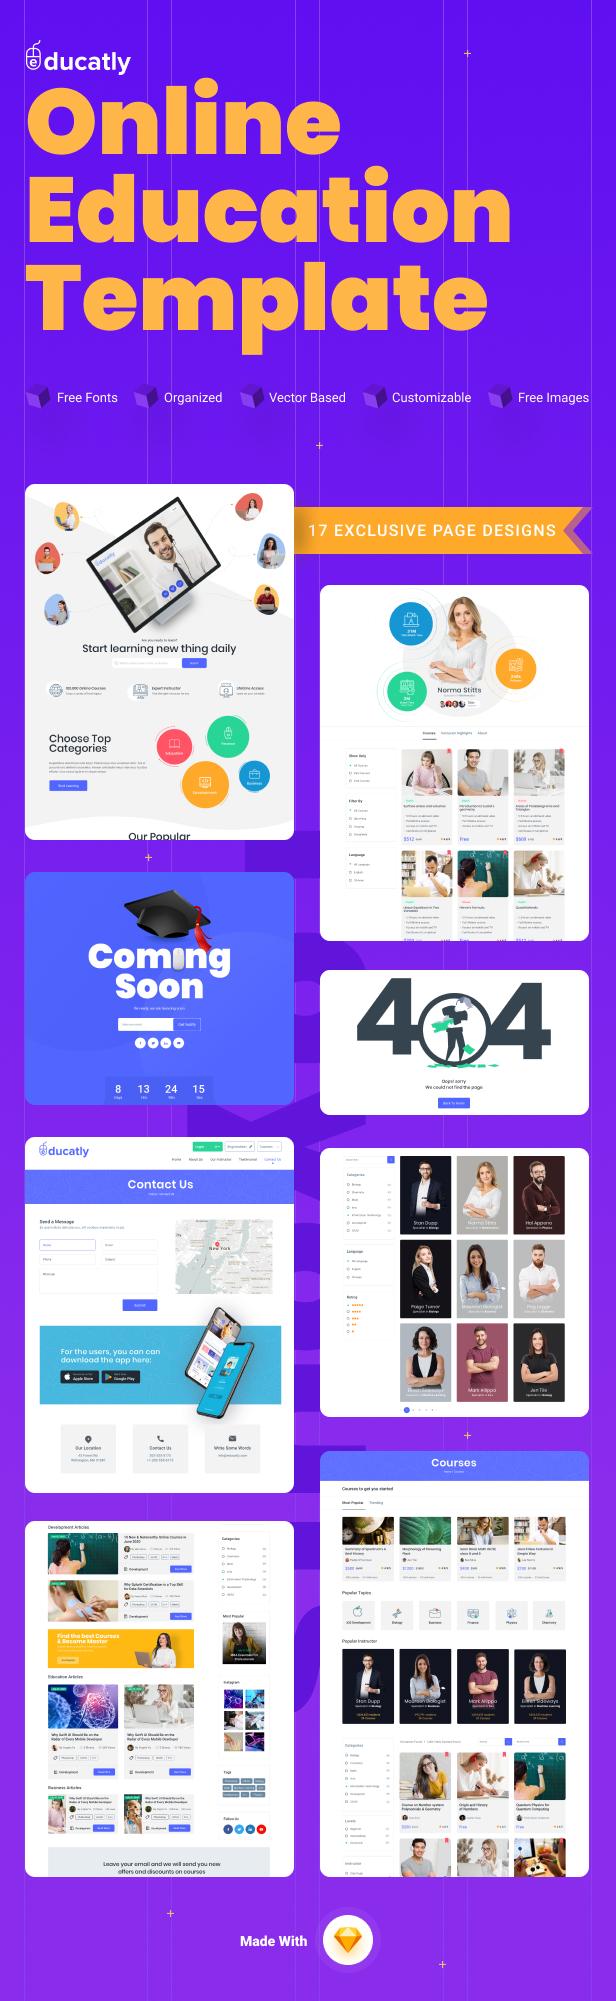 Educatly | Modèle de croquis de site Web d'apprentissage en ligne - 2